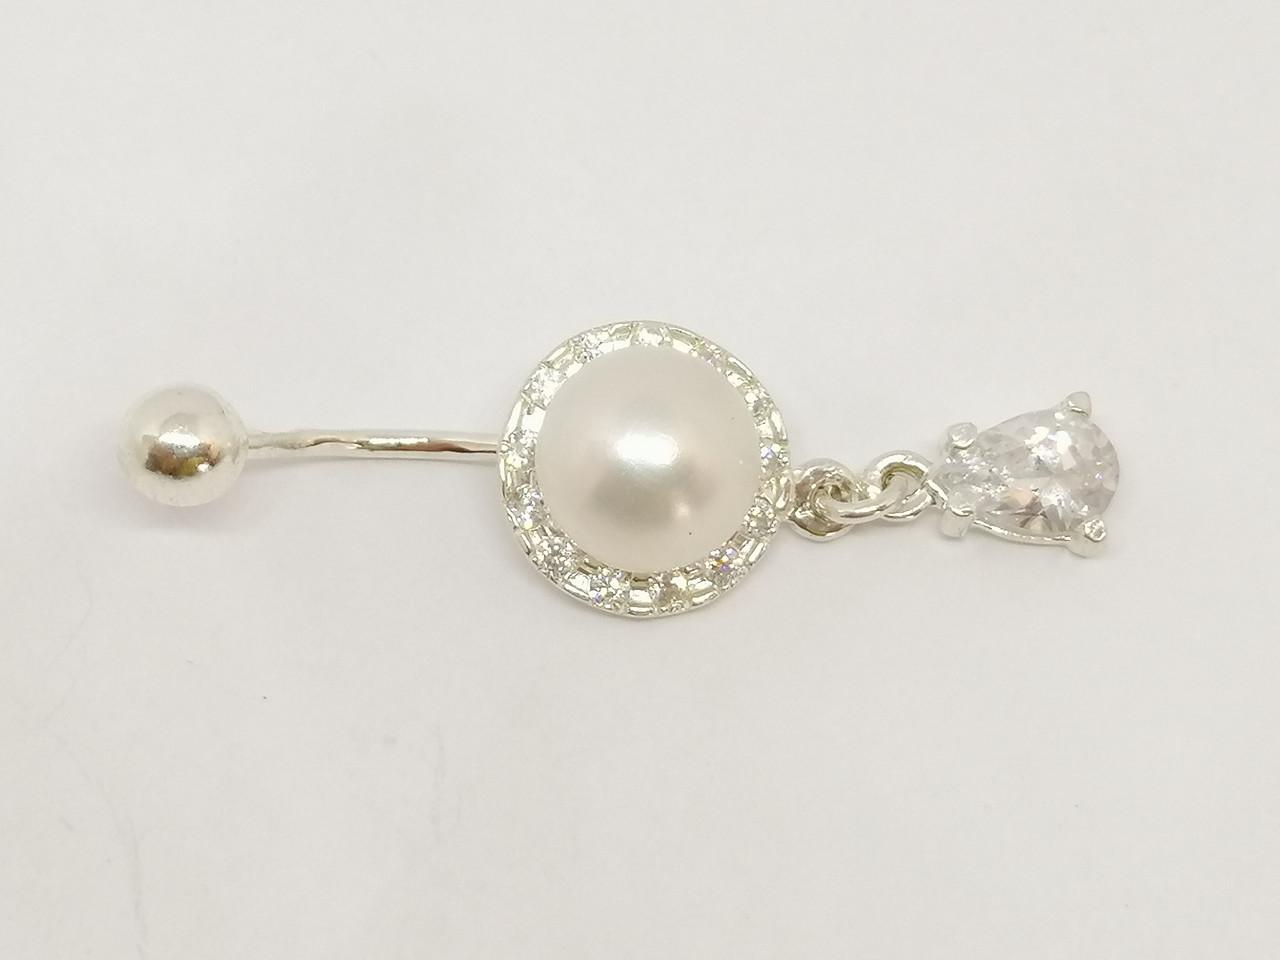 Серебряная серьга для пирсинга пупка с жемчугом и фианитами. Артикул 6038-17